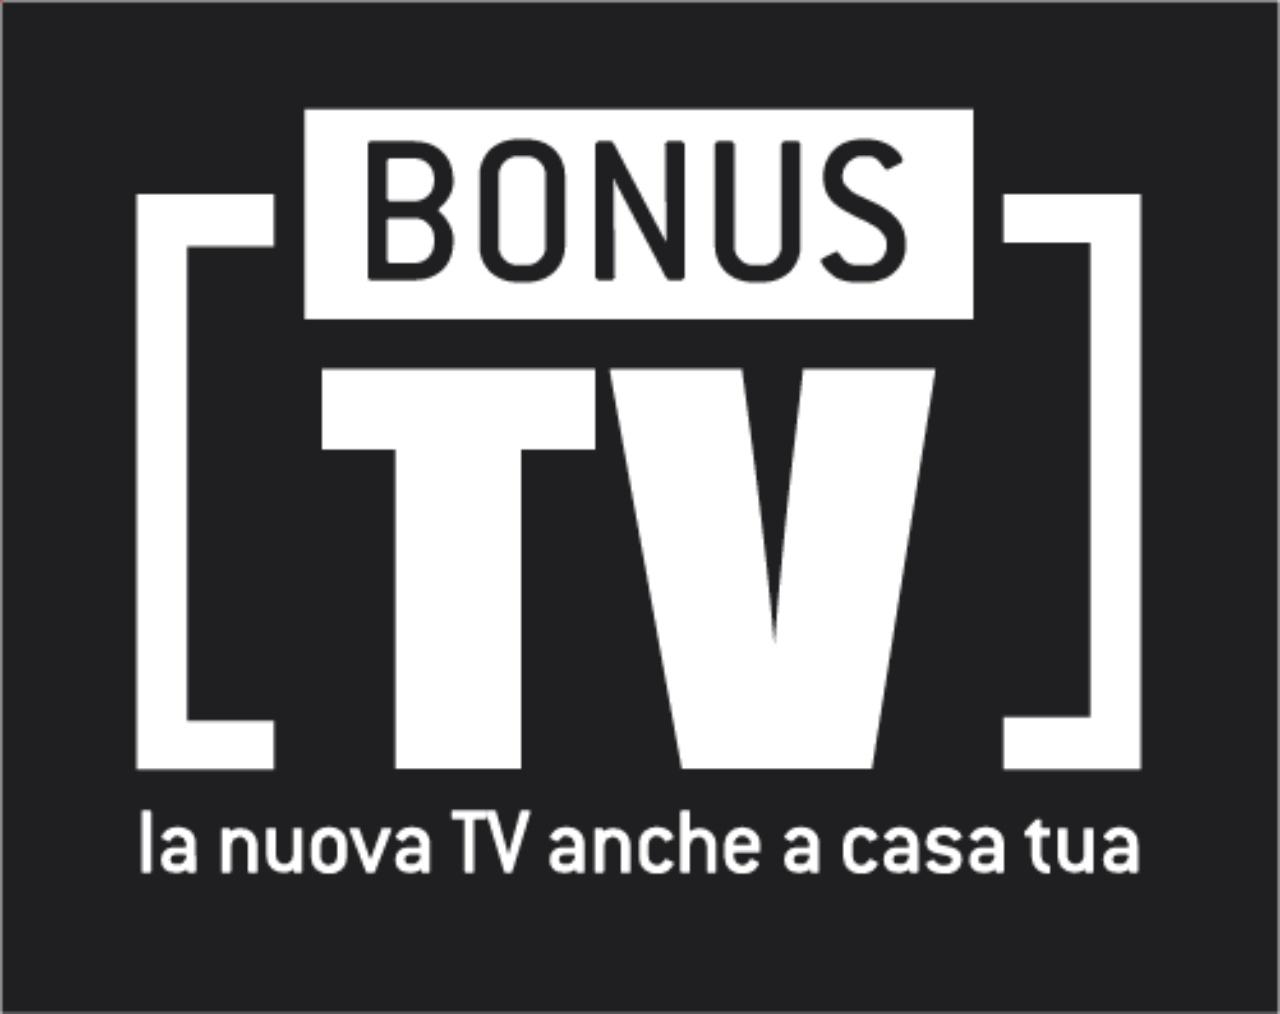 Bonus tv, il logo